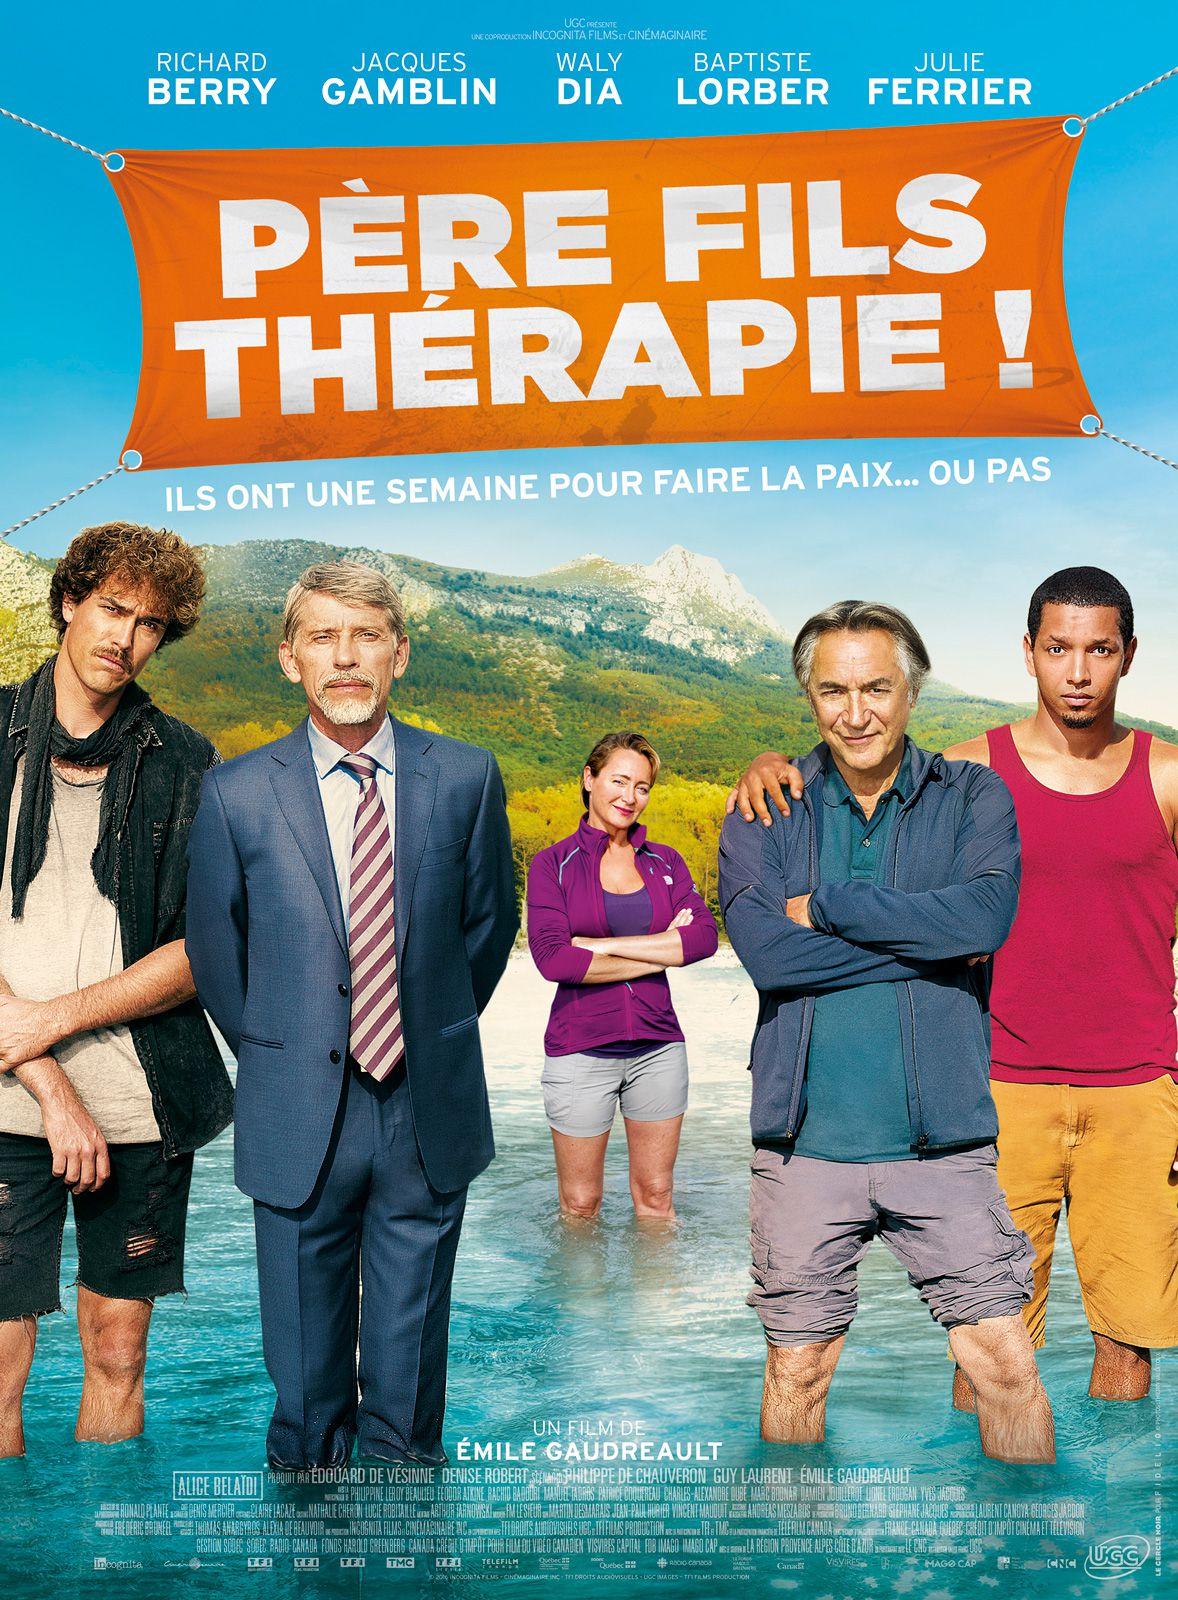 Père fils thérapie ! - Film (2016)